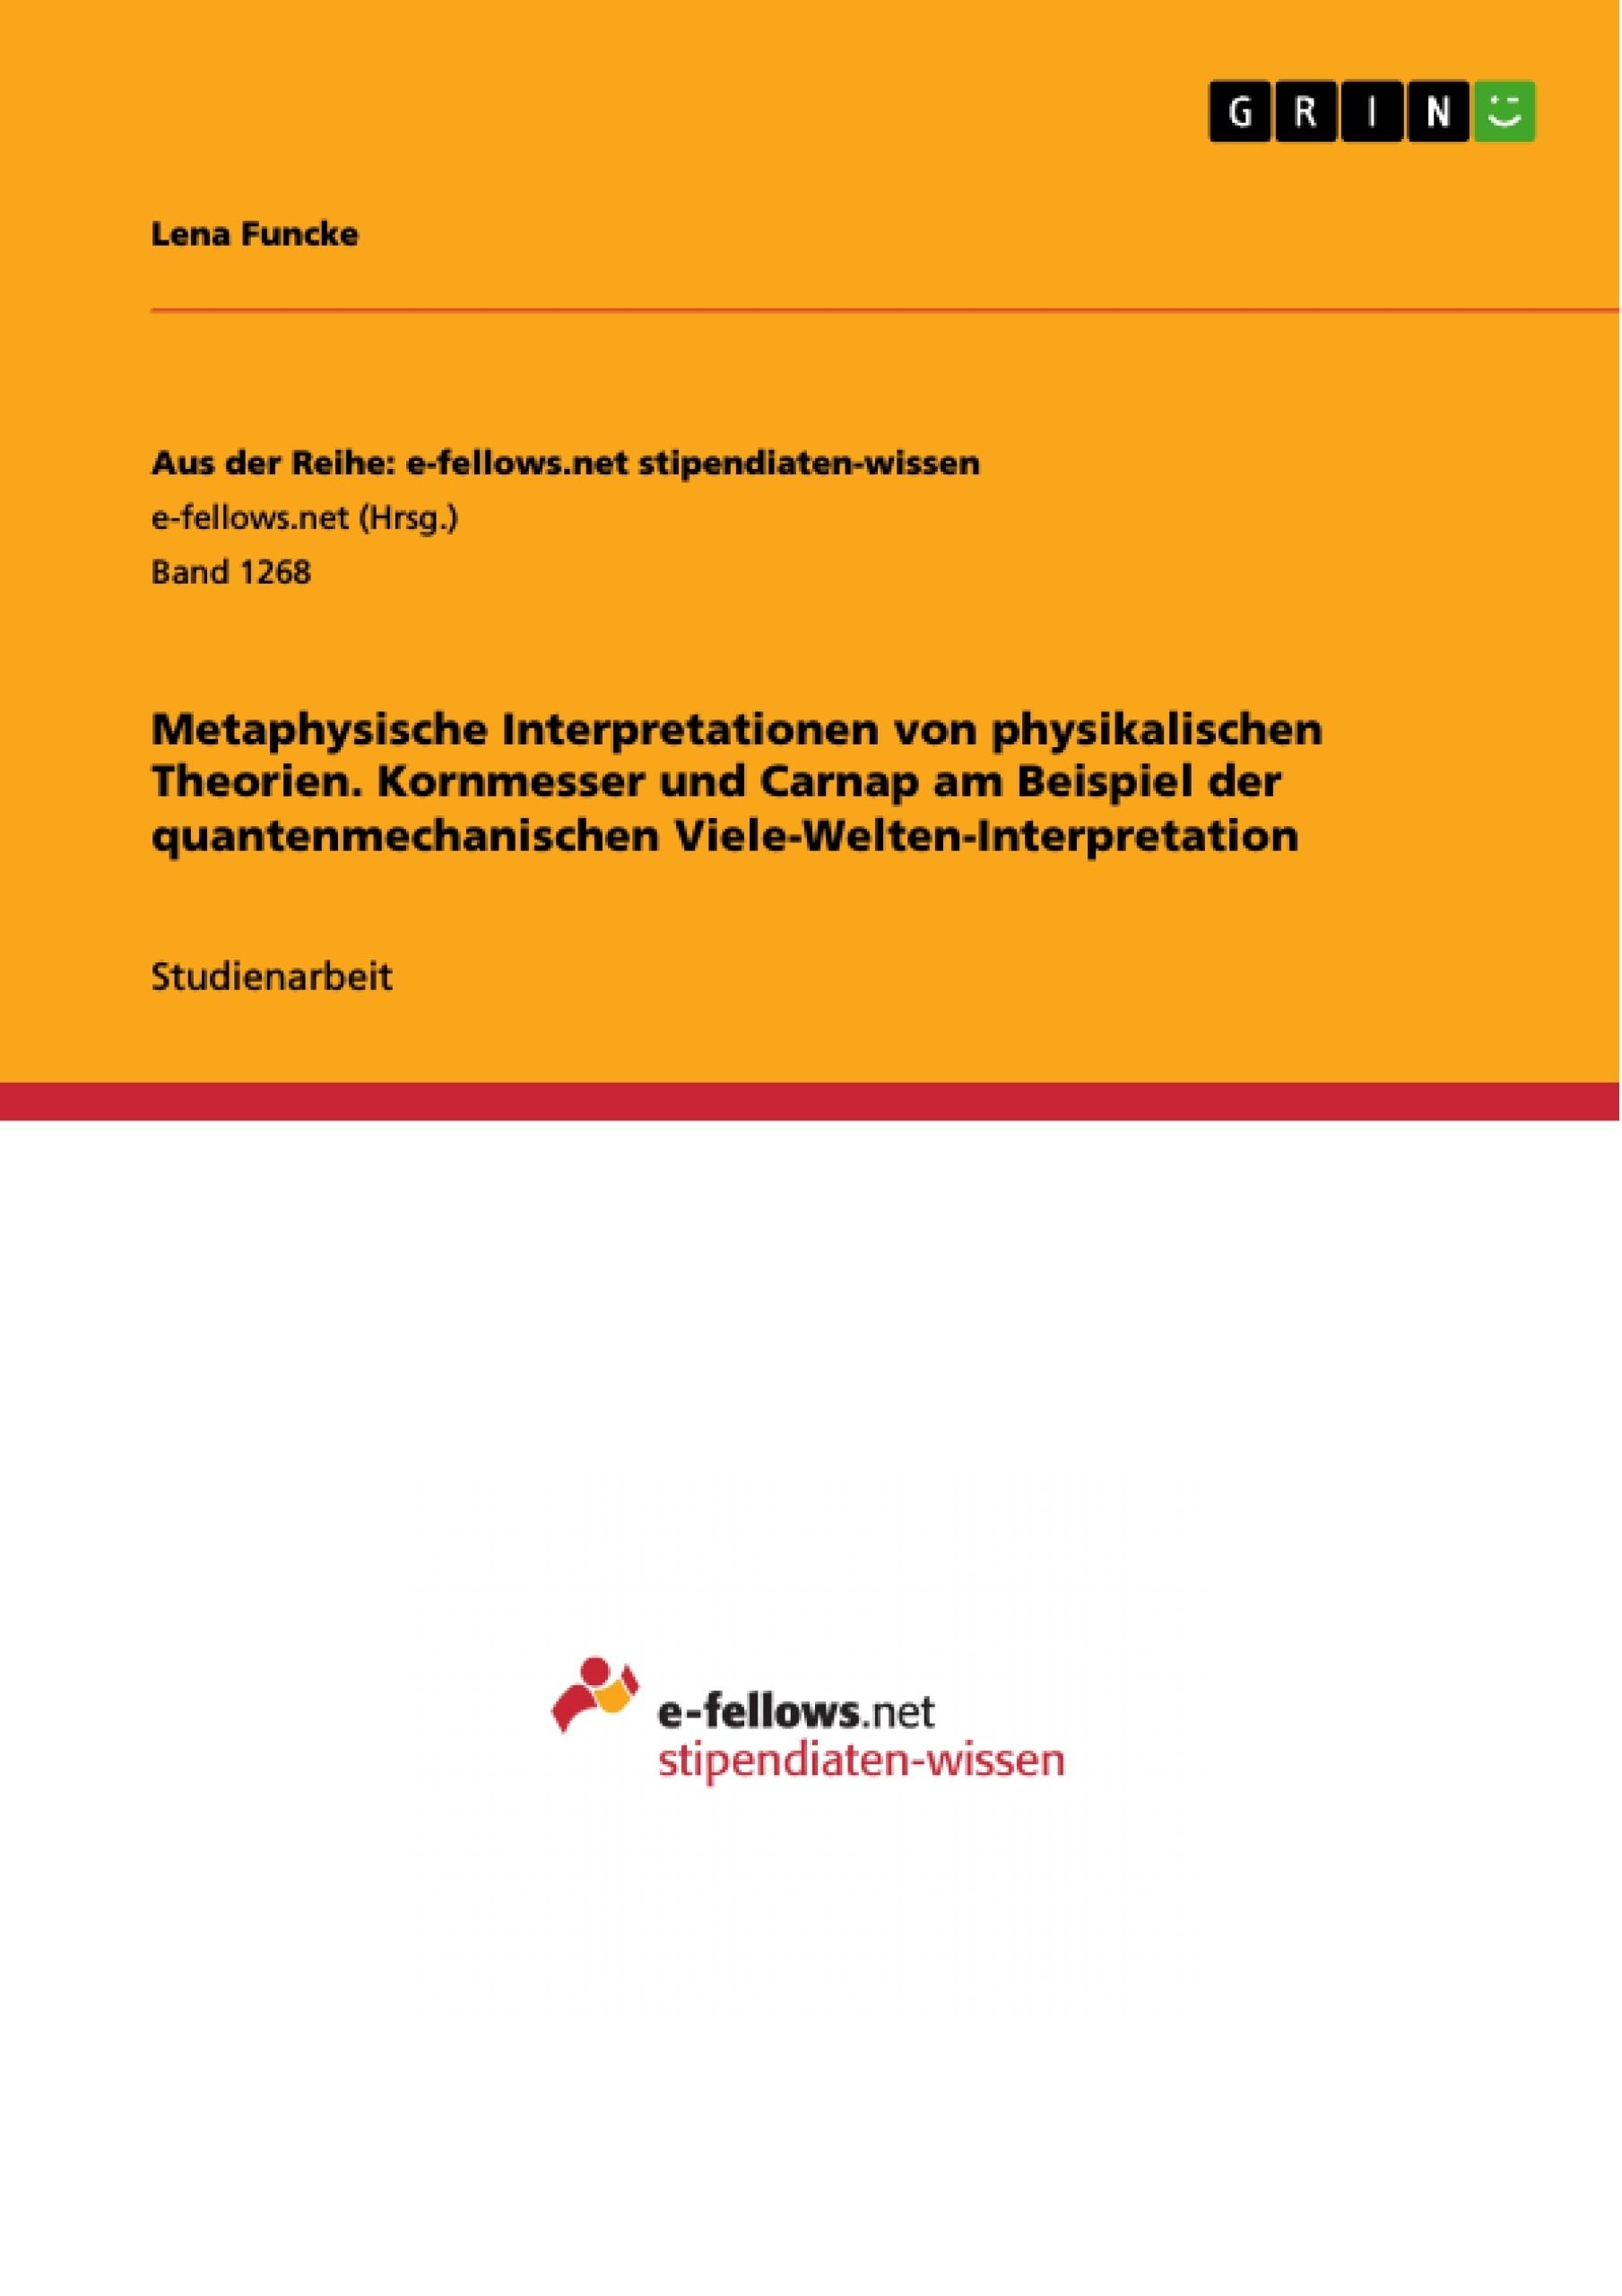 Titel: Metaphysische Interpretationen von physikalischen Theorien. Kornmesser und Carnap am Beispiel der quantenmechanischen Viele-Welten-Interpretation